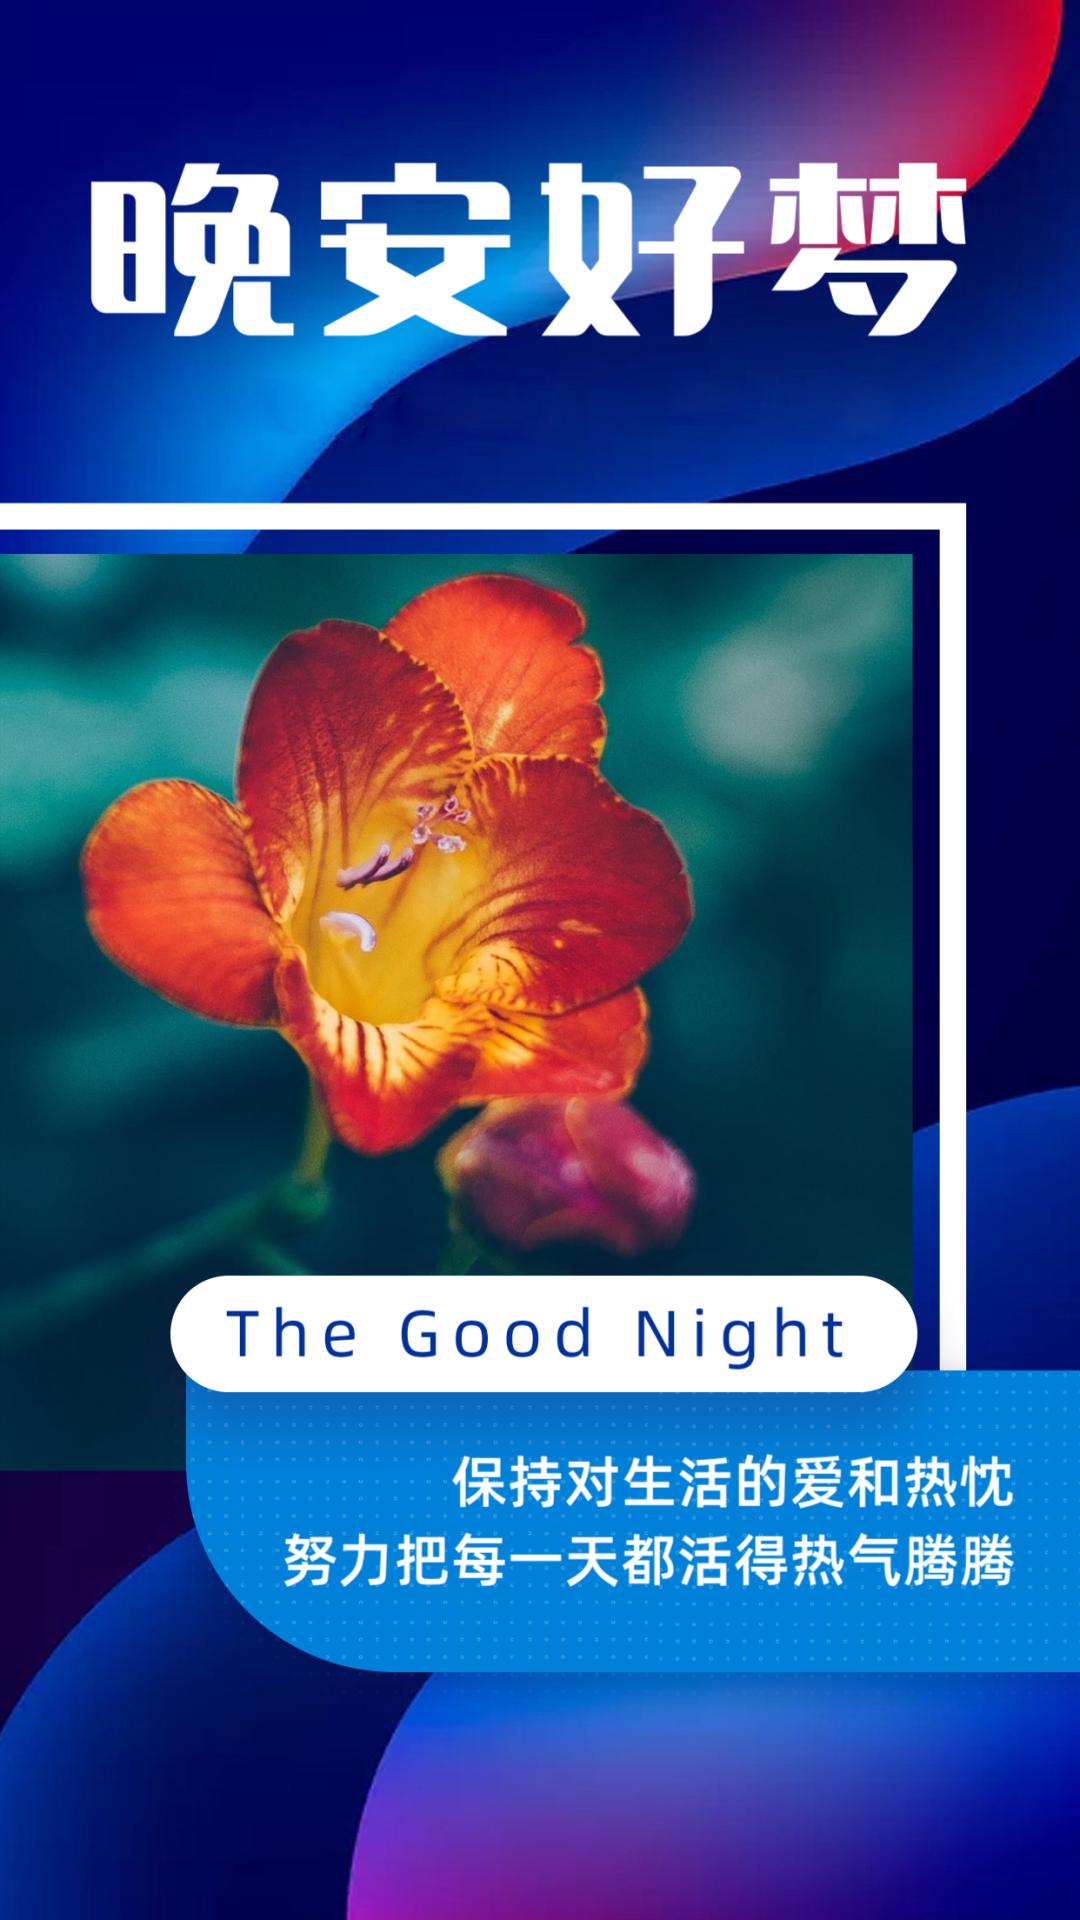 很戳心的晚安心语语录,总有一句与你心有灵犀!